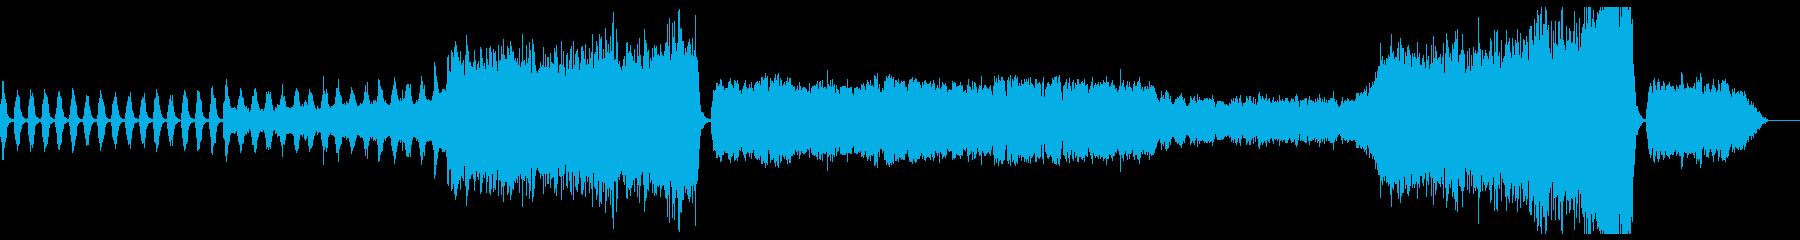 管弦楽による幻想的なBGMの再生済みの波形